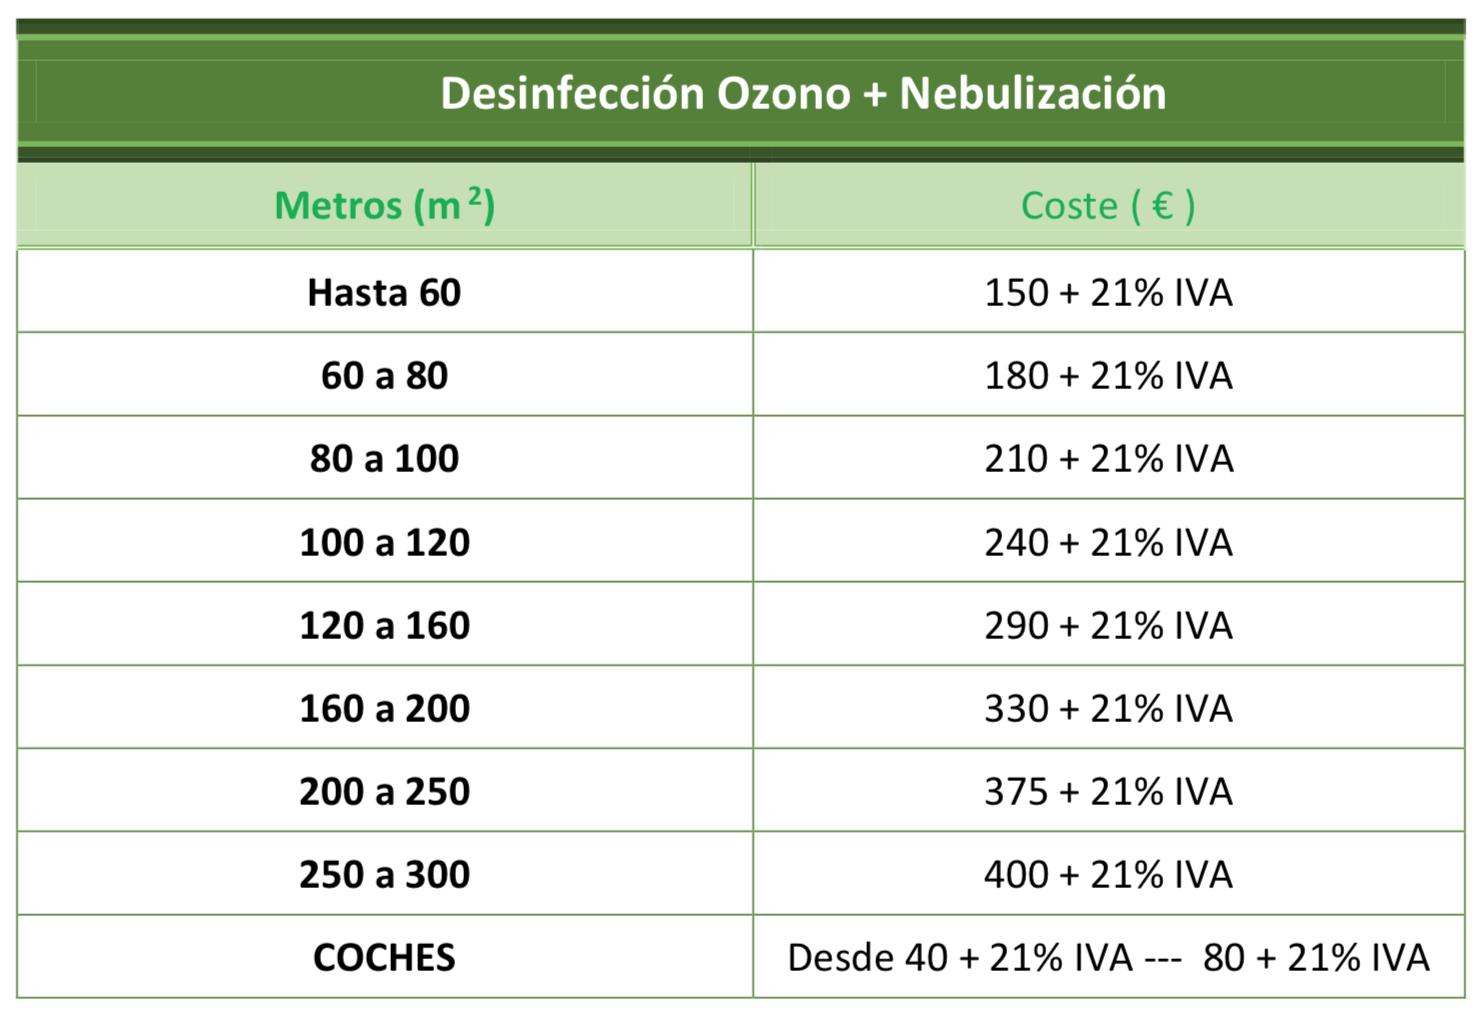 Precios Nebulización